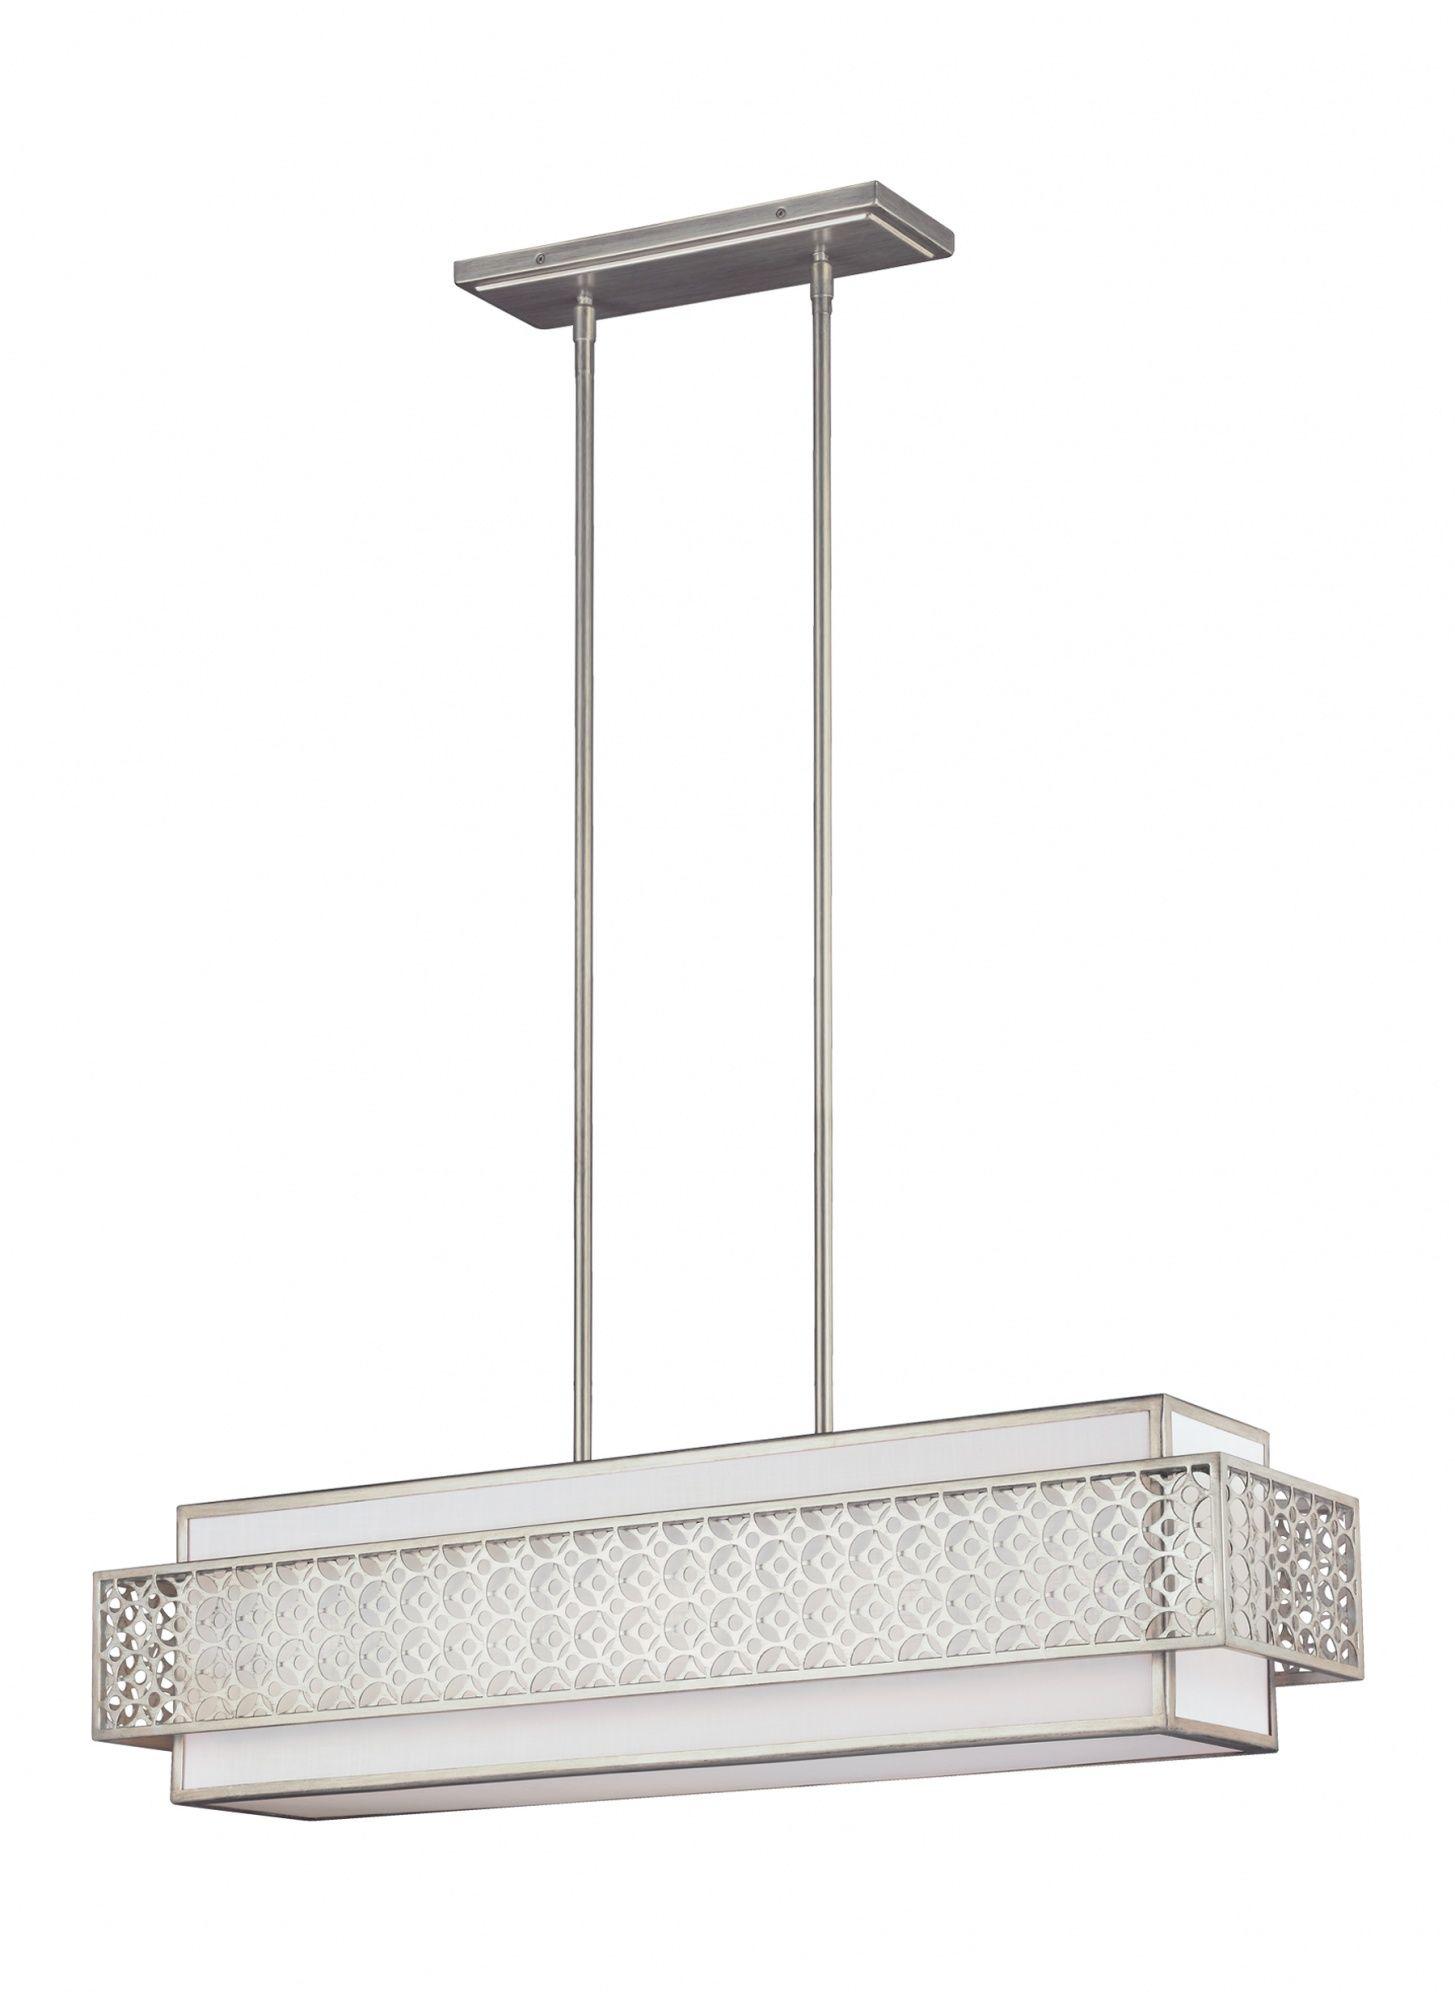 Żyrandol Kenney FE/KENNEY/ISLE Feiss srebrna oprawa w nowoczesnym stylu